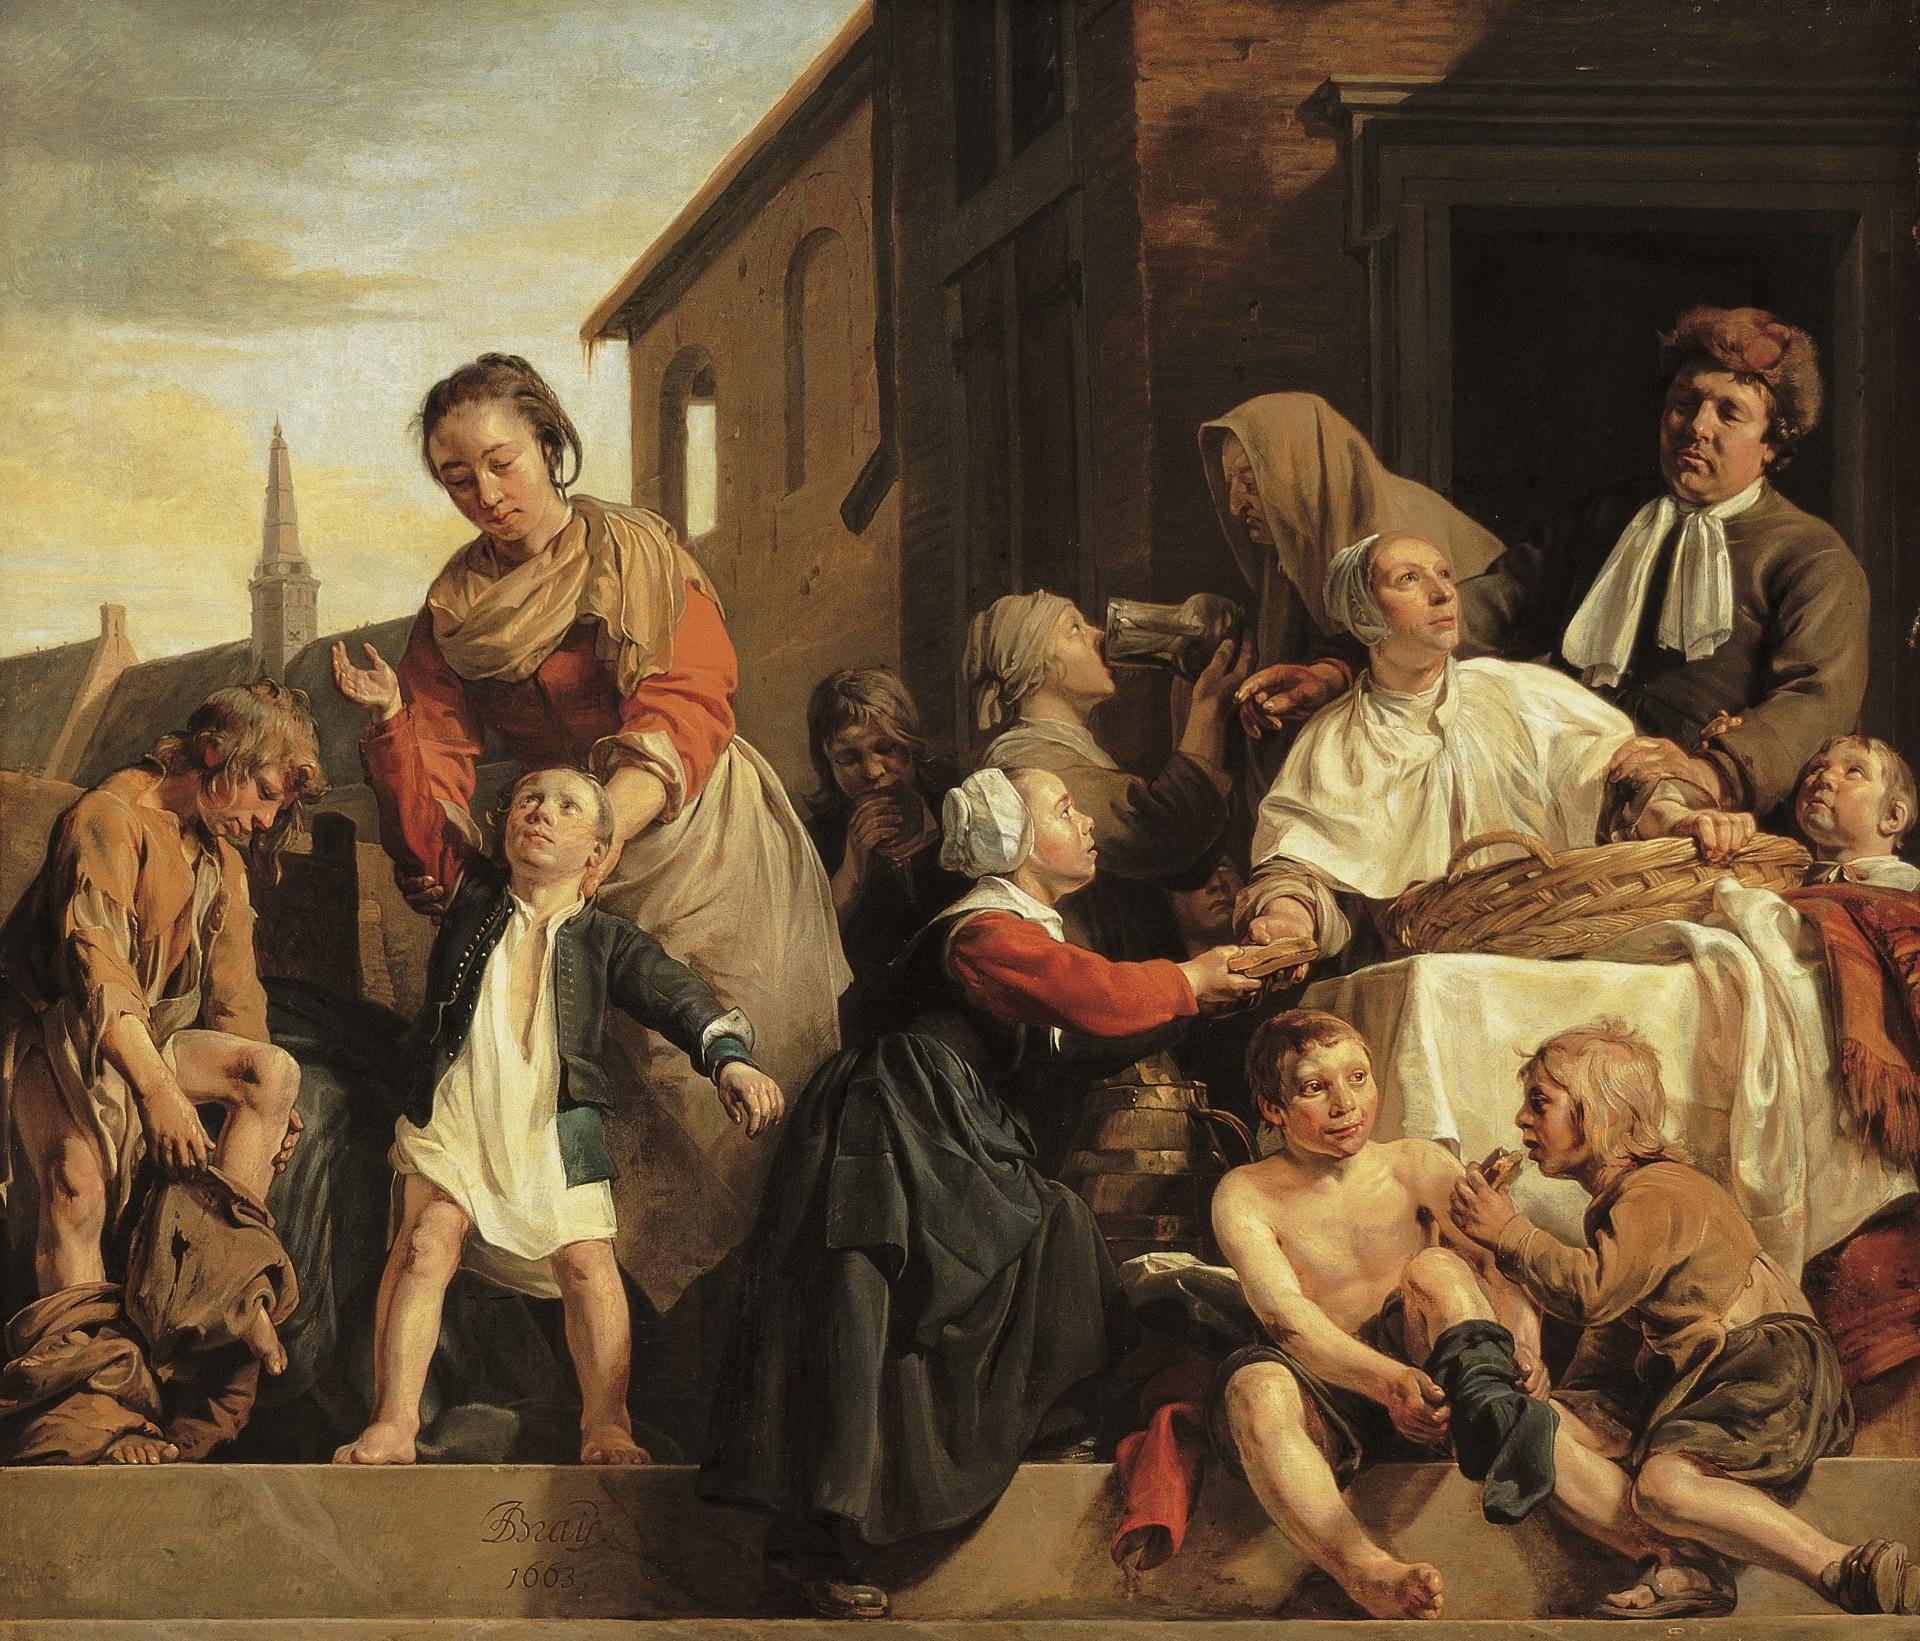 an-de-bray-1663-Lhabillage-et-le-repas-des-orphelins-Frans-Hals-Museum-Haarlem-